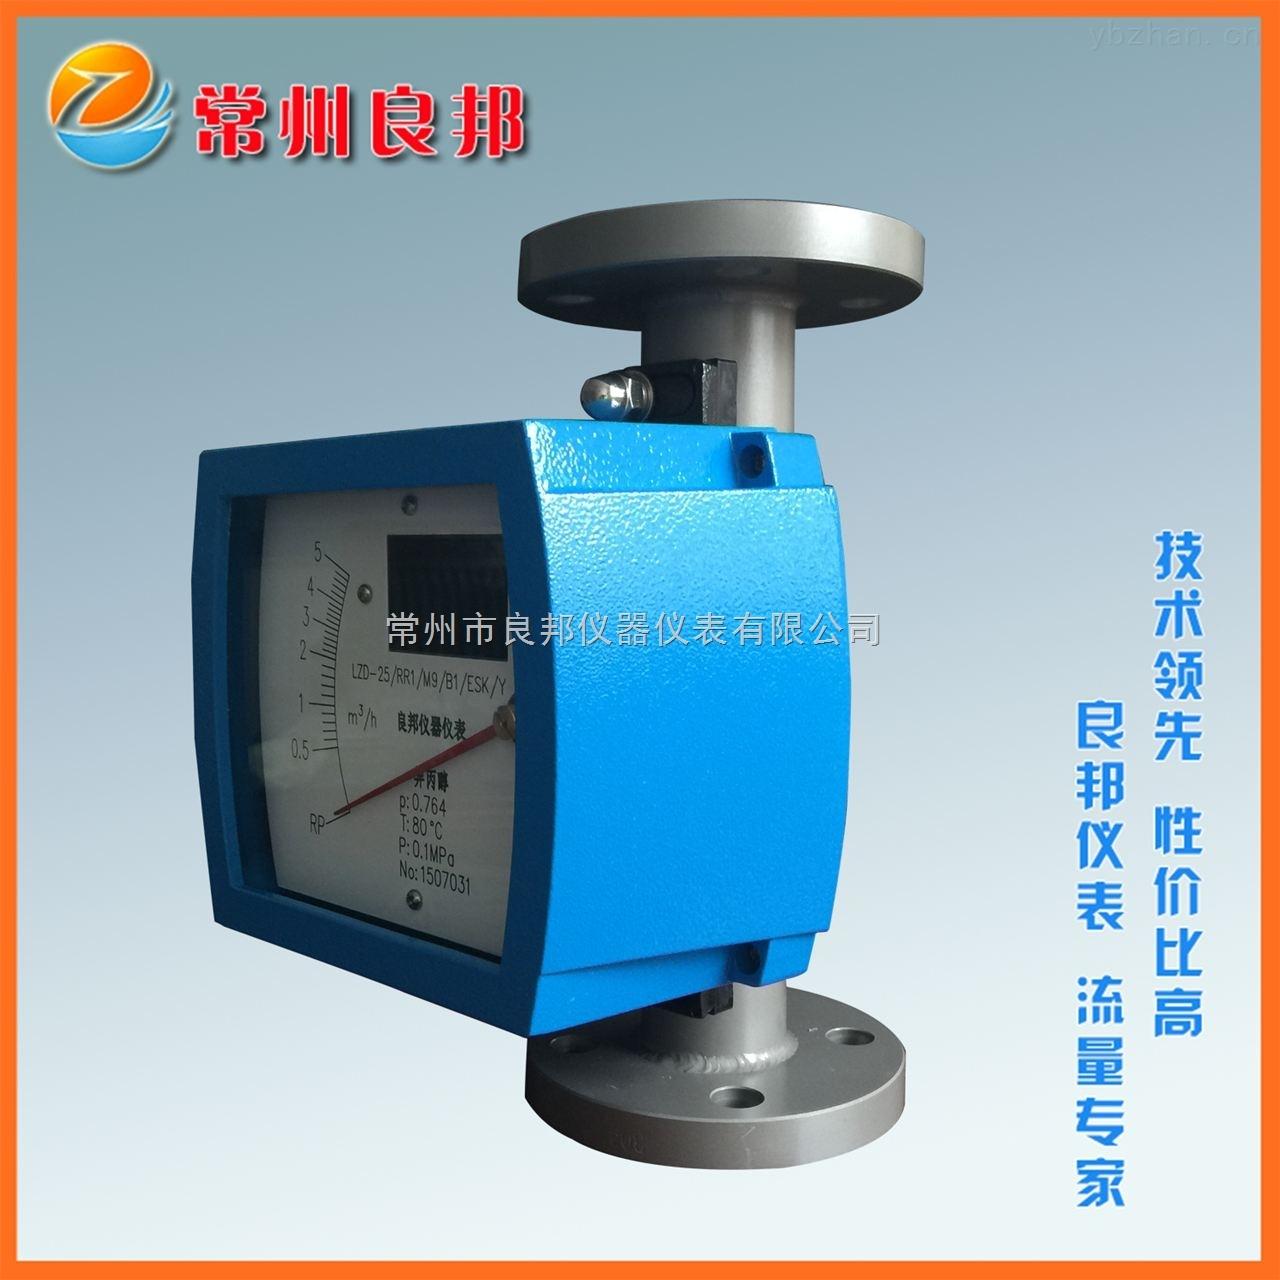 LZ系列金属管浮子流量计价格  做工精湛  计量稳定